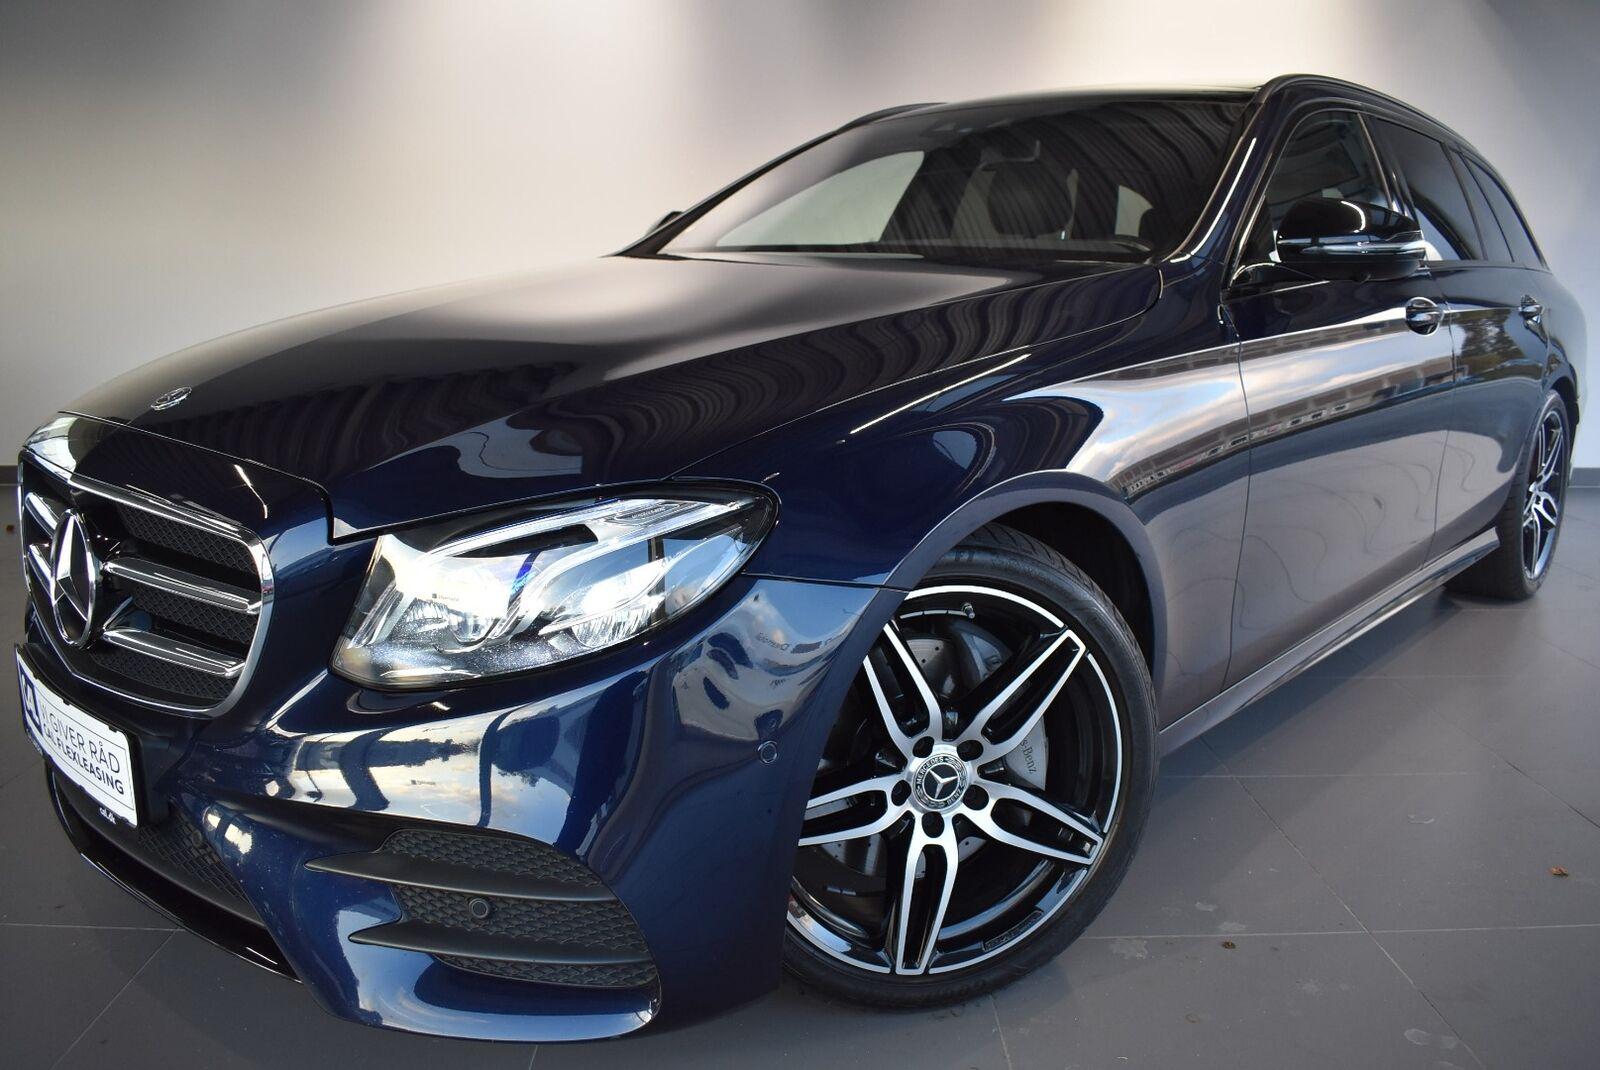 Mercedes E220 d 2,0 AMG Line stc. aut. 4-M 5d - 599.900 kr.